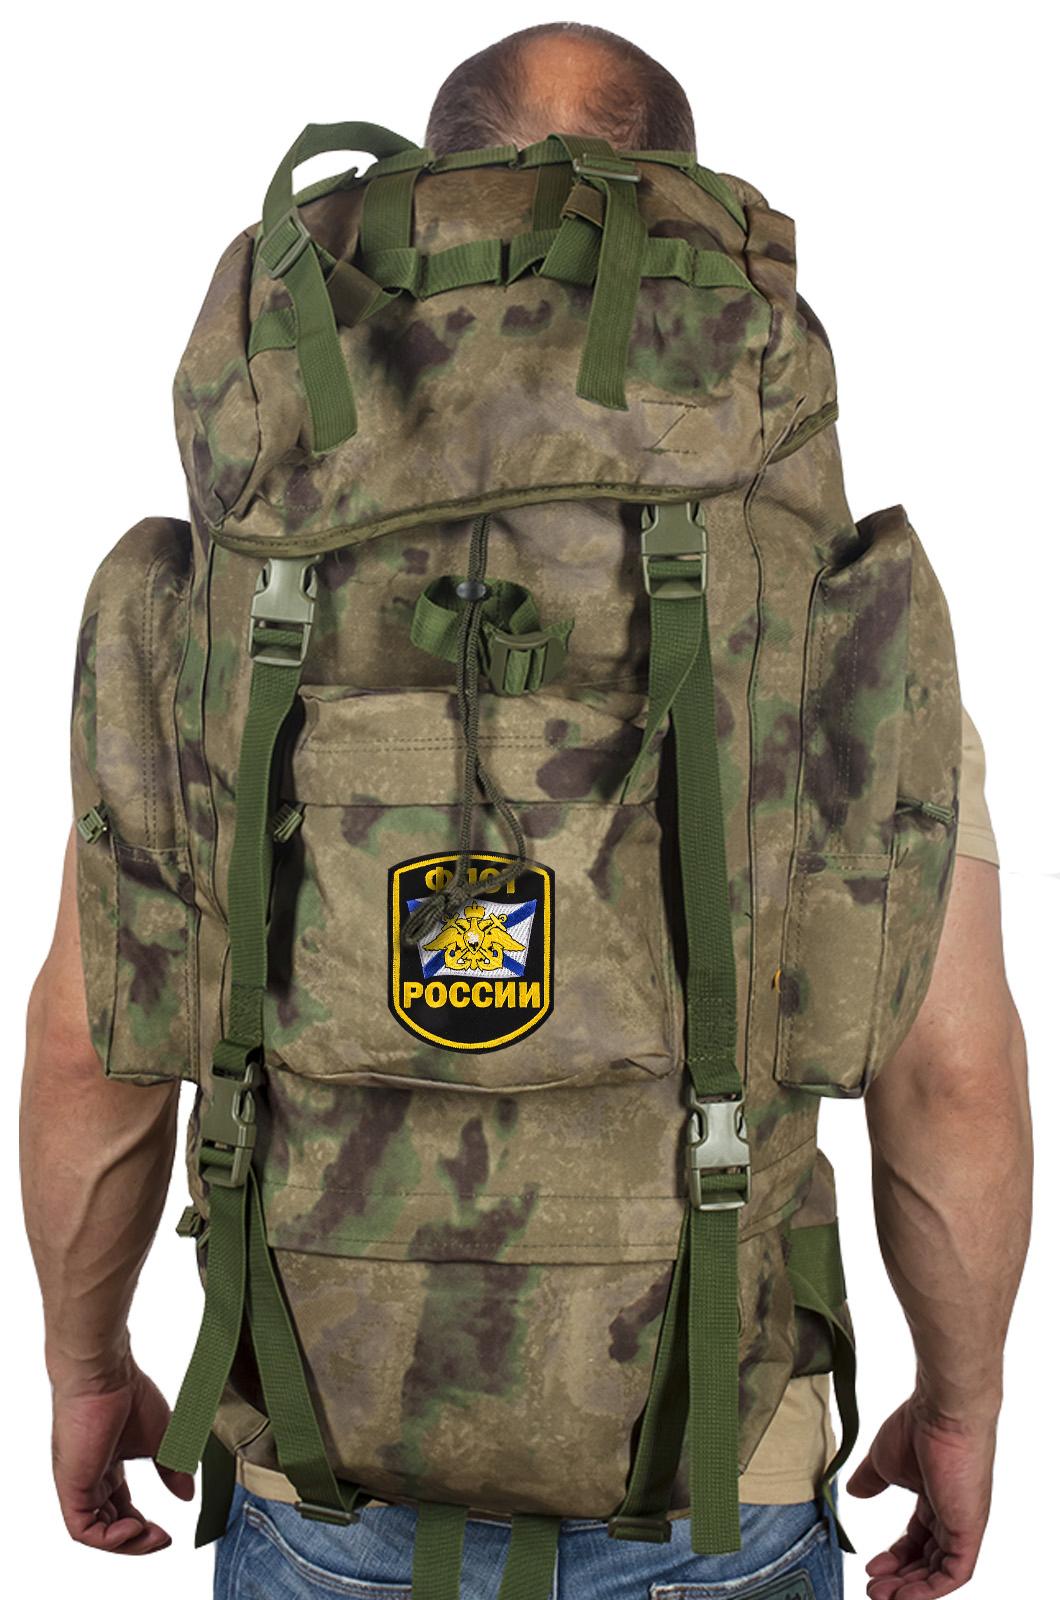 Рейдовый военный ранец-рюкзак Флот России - купить в подарок